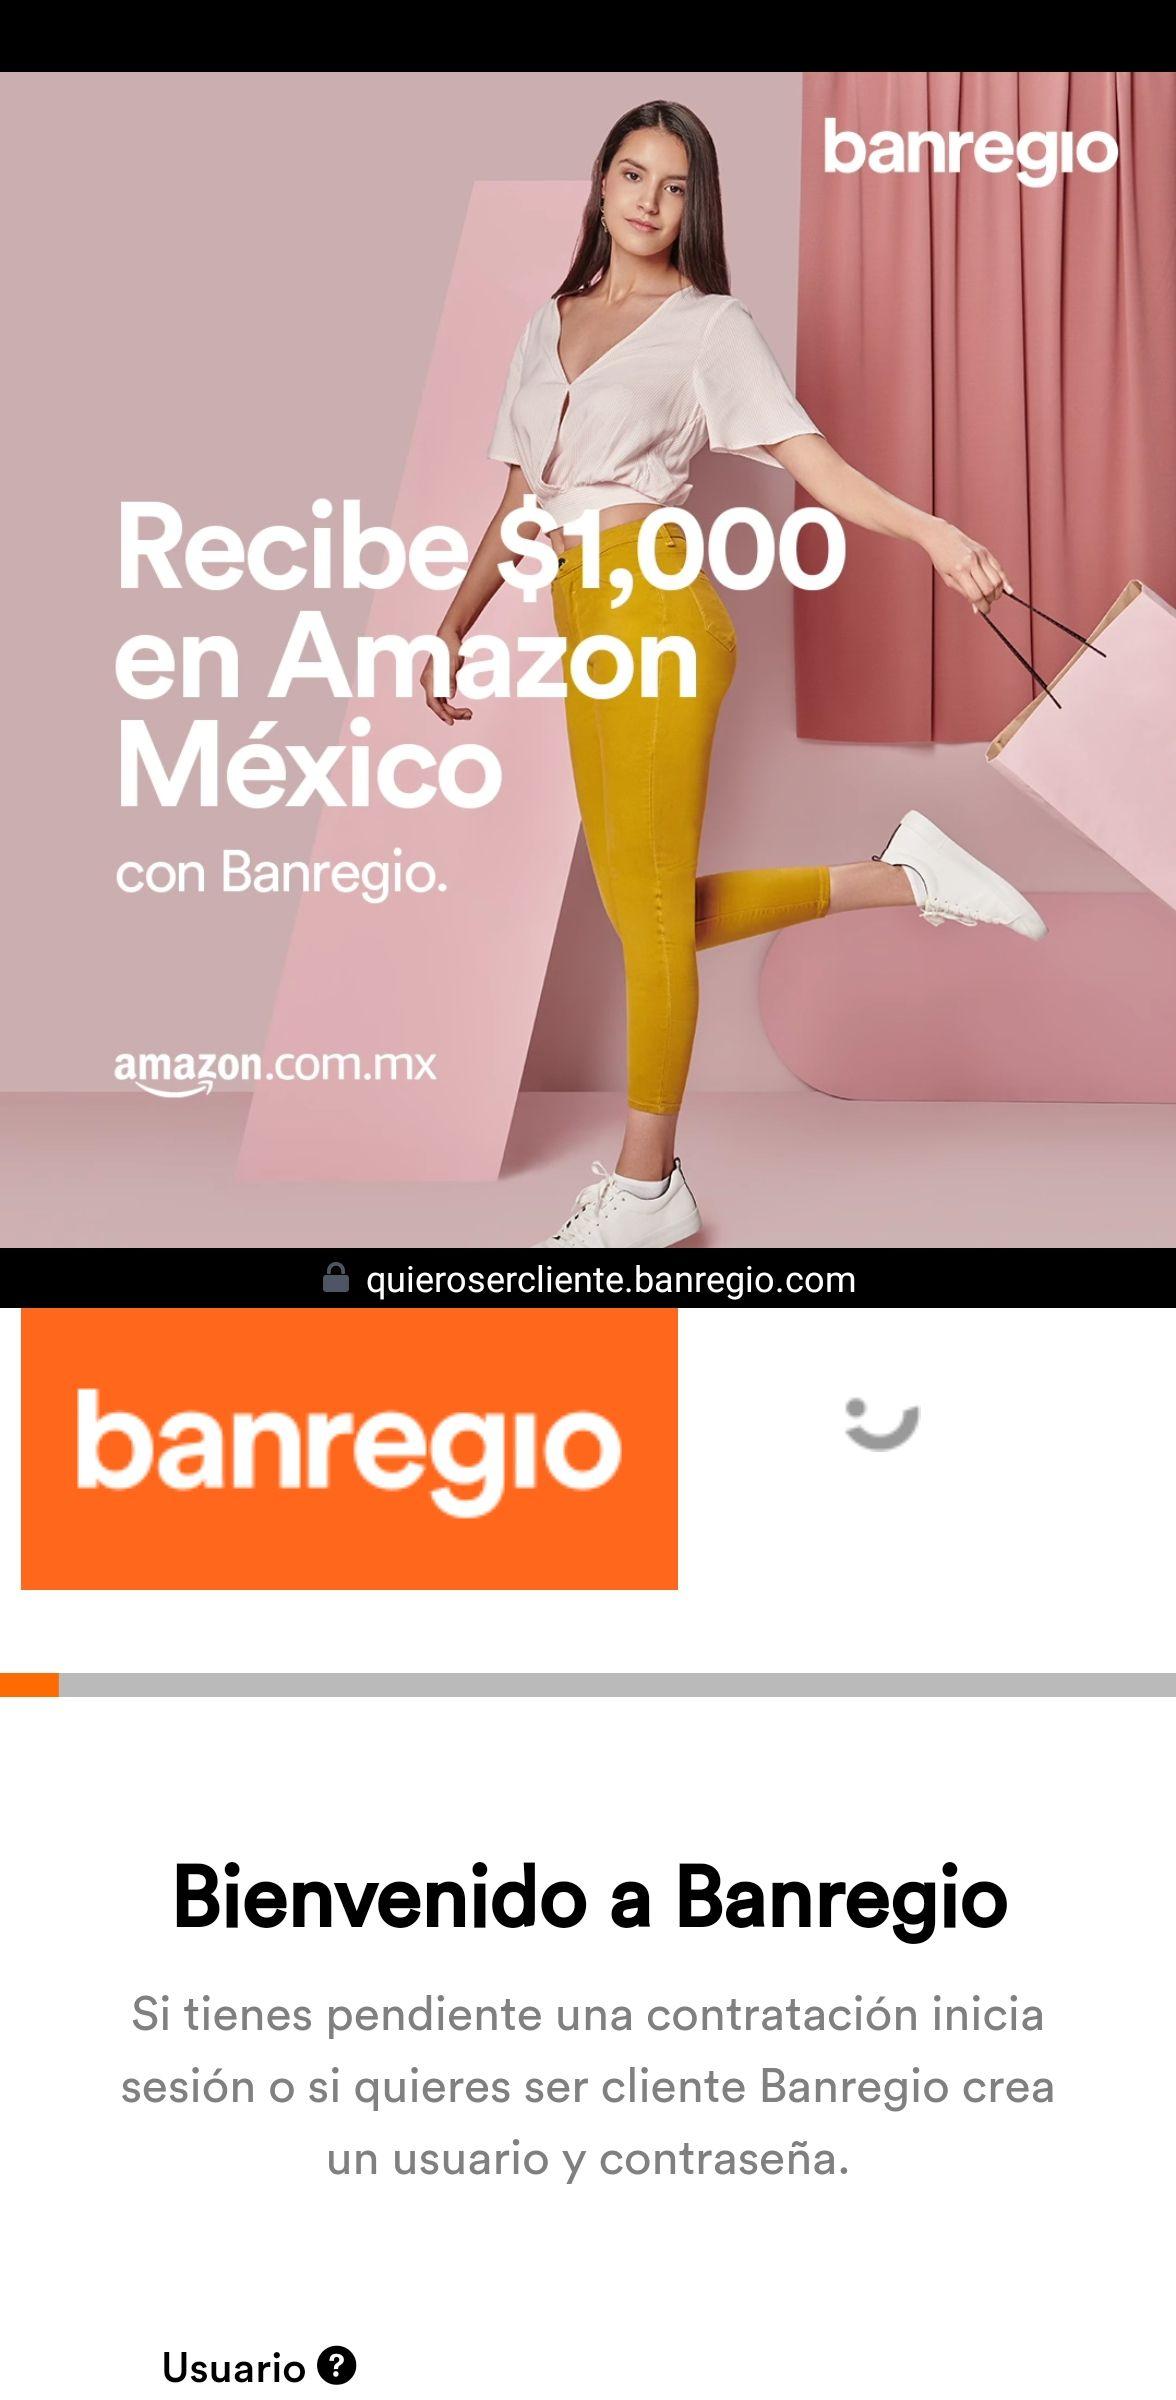 Banregio: Abre una cuenta, deposita $10,000 o mas y obtén certificado de regalo para amazon